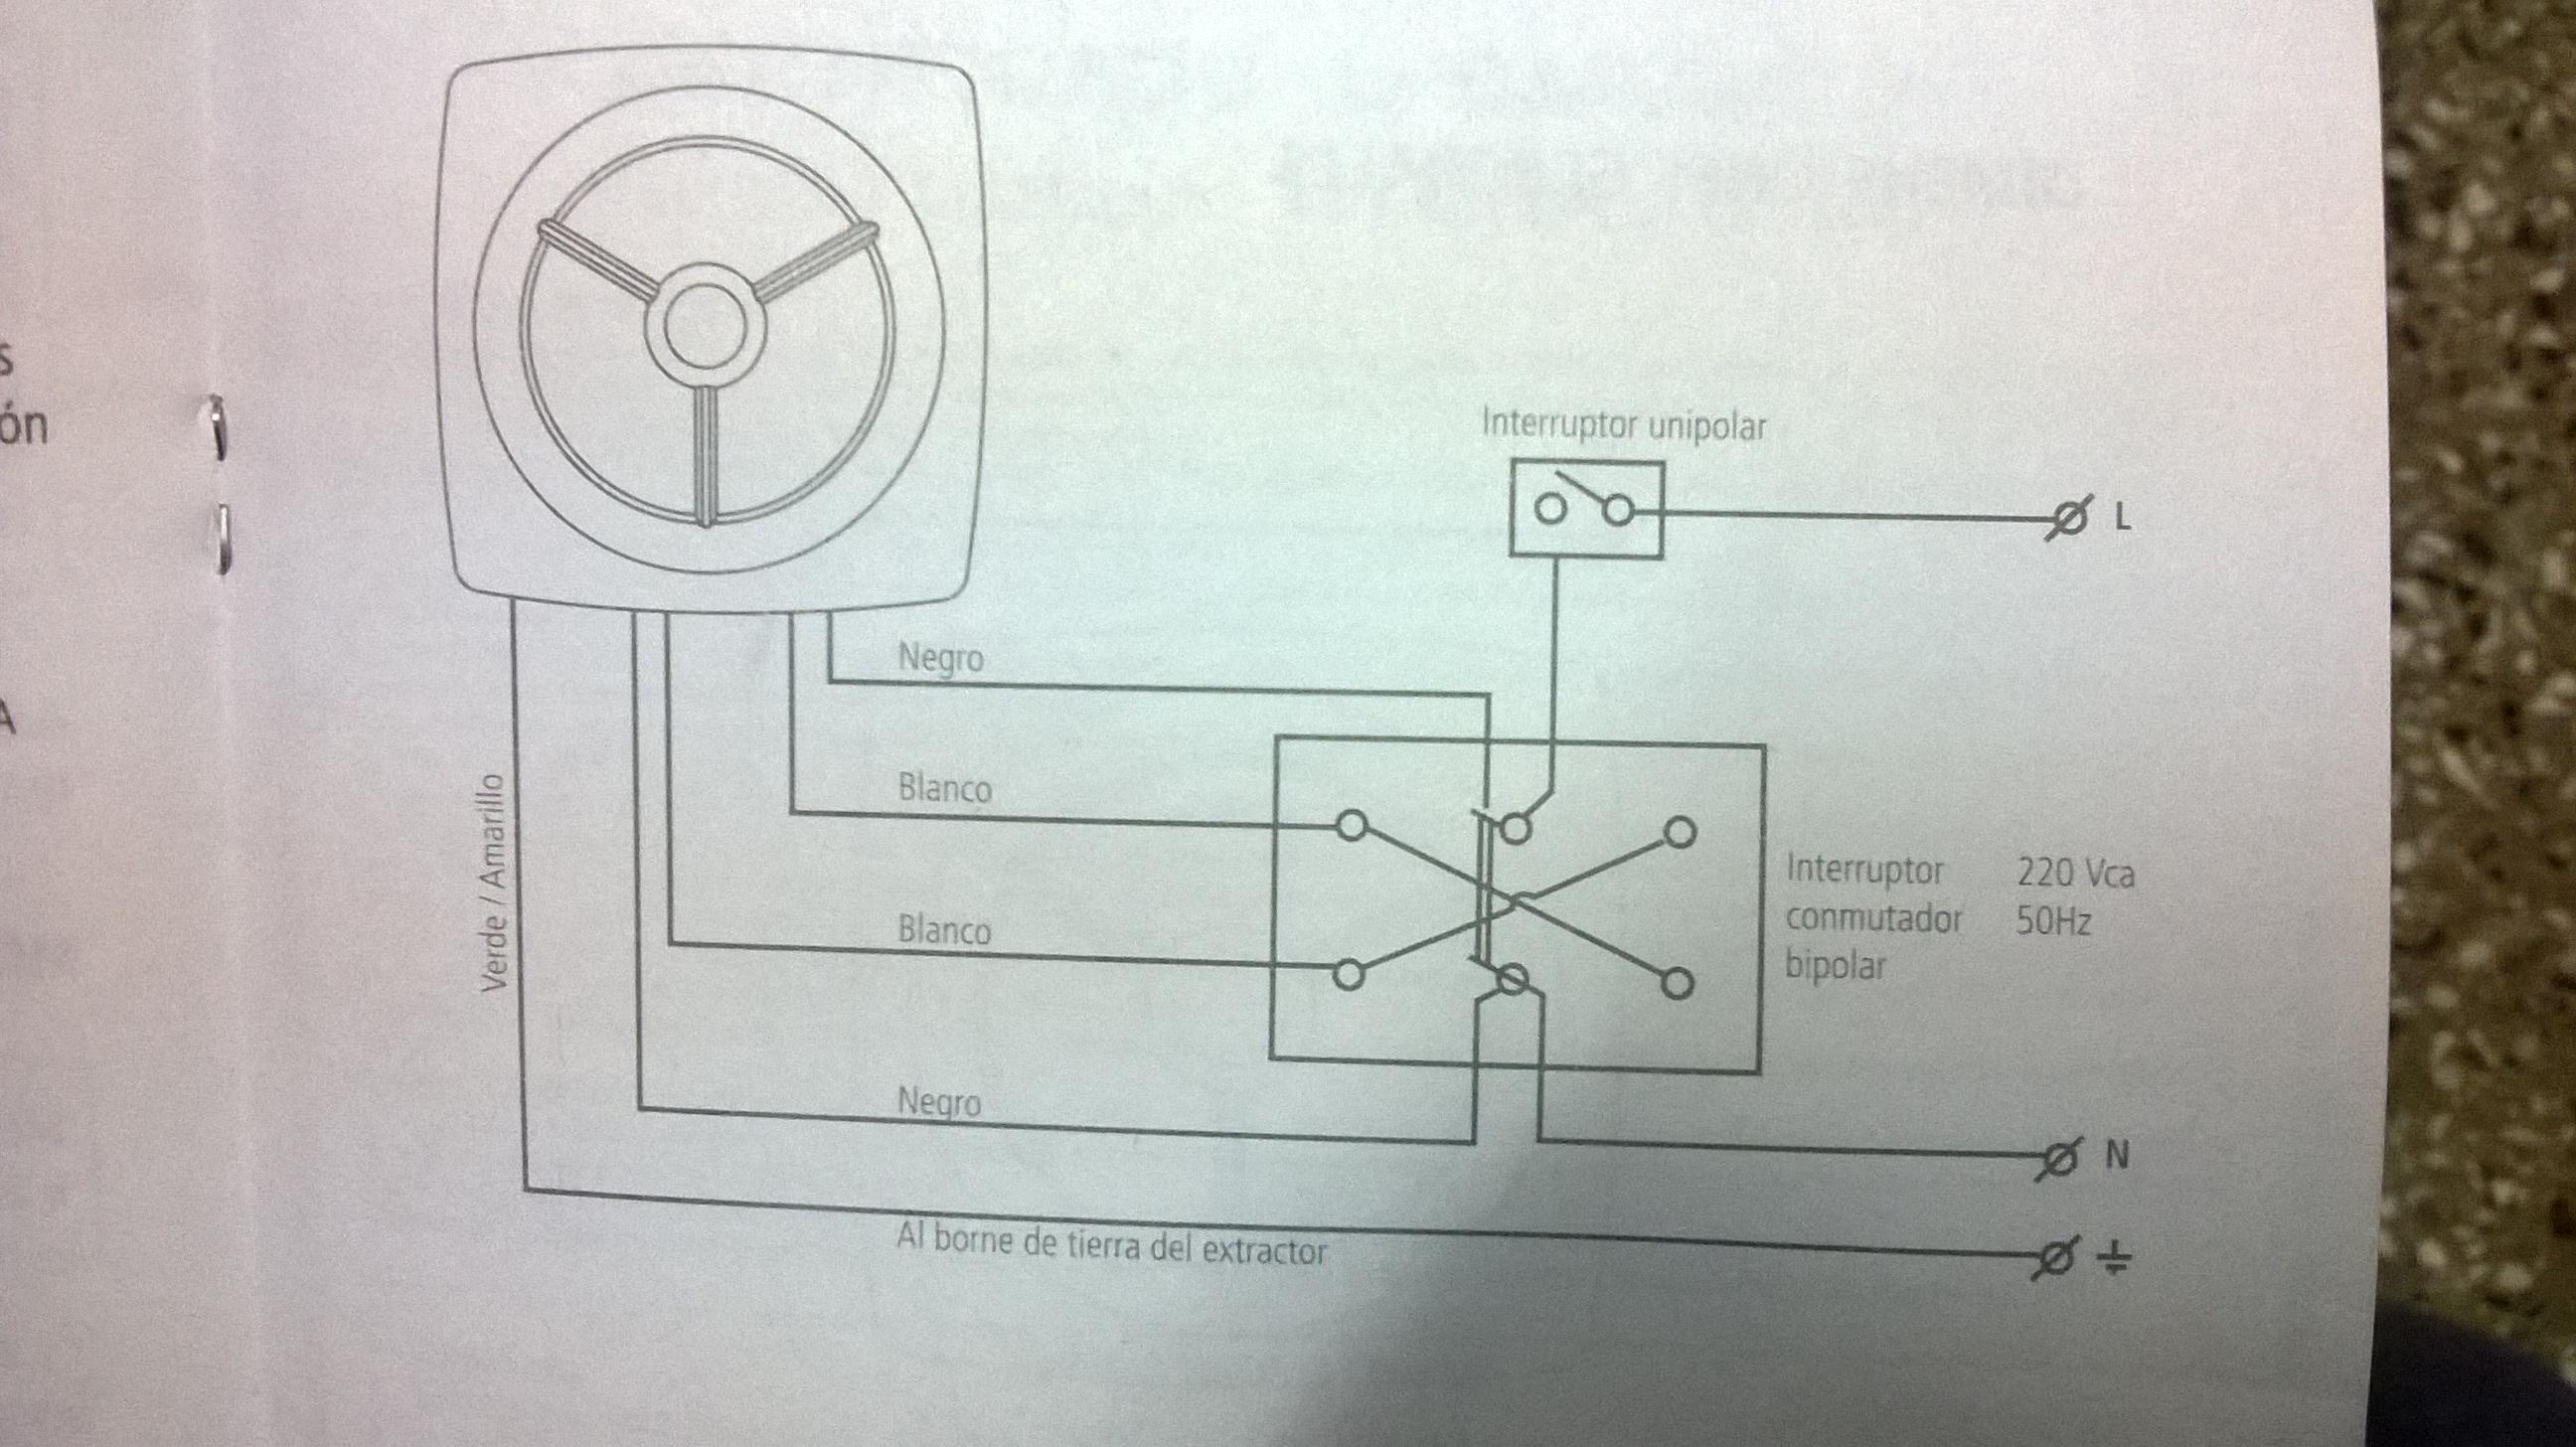 Instalacion de extractor de aire airea condicionado - Instalacion extractor bano ...